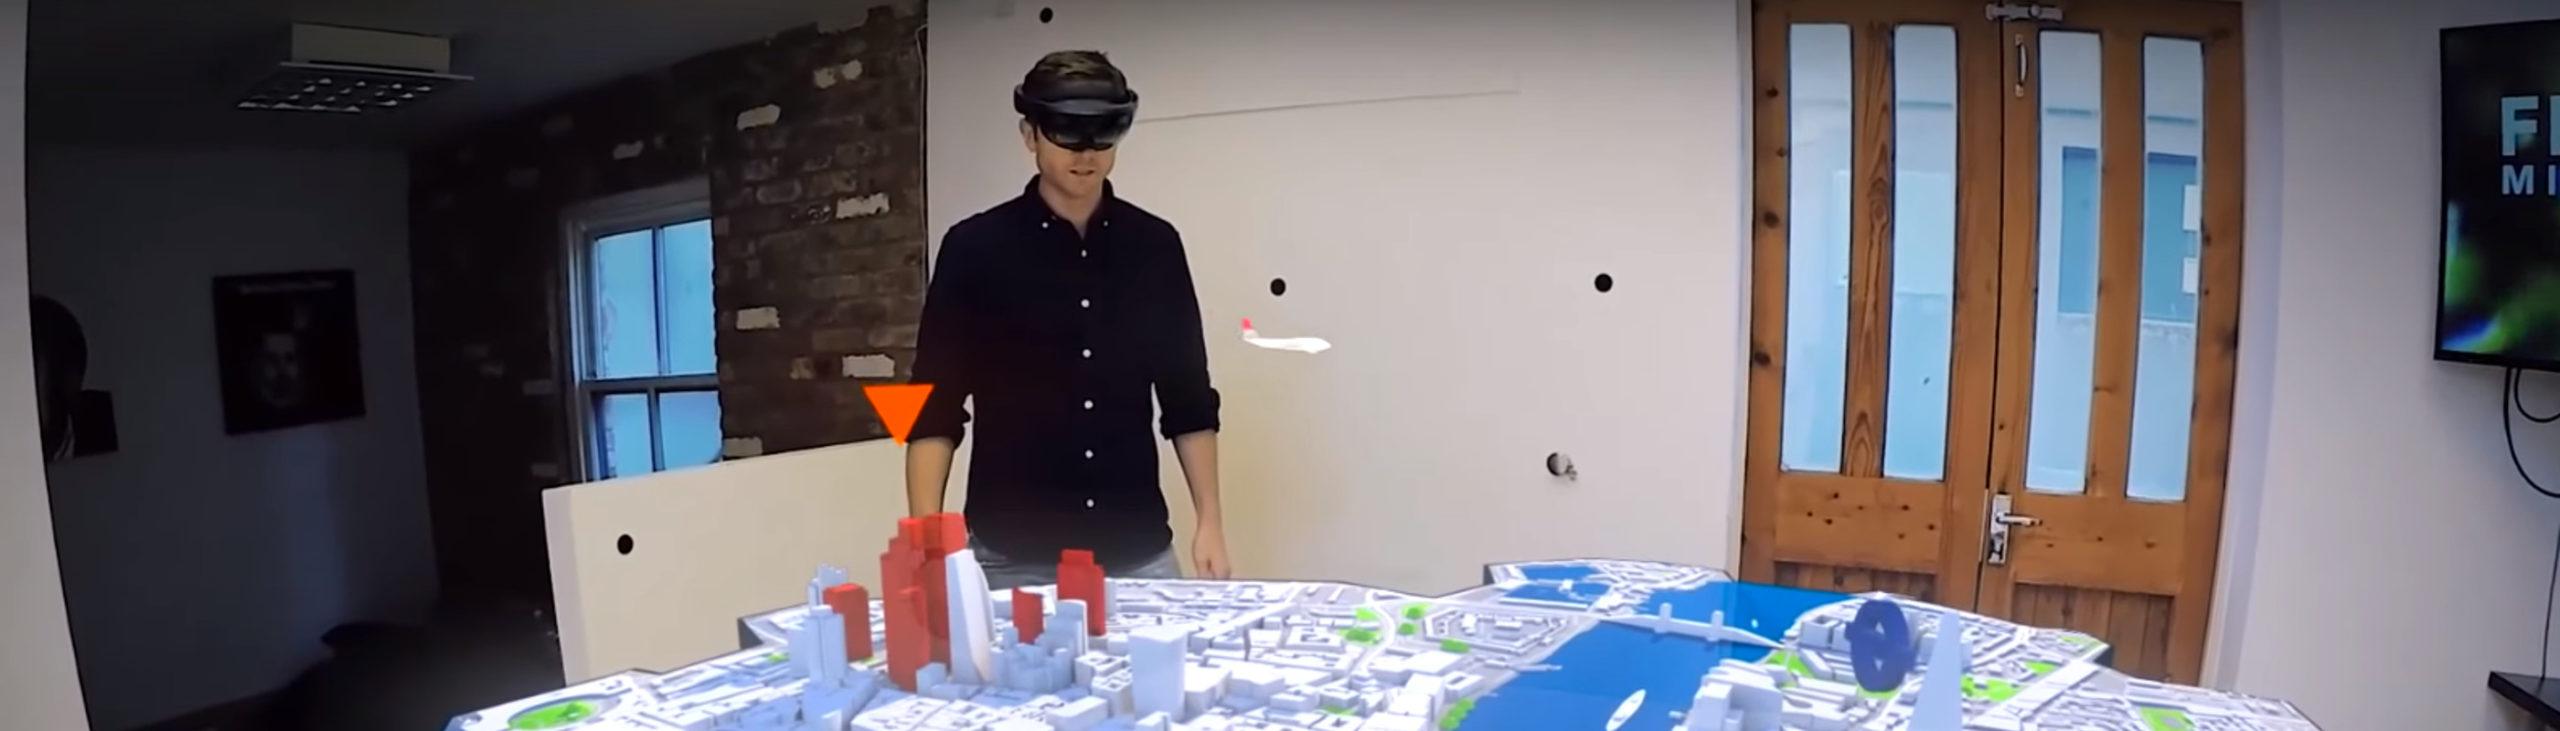 Los 10 usos más innovadores de la realidad aumentada | 2